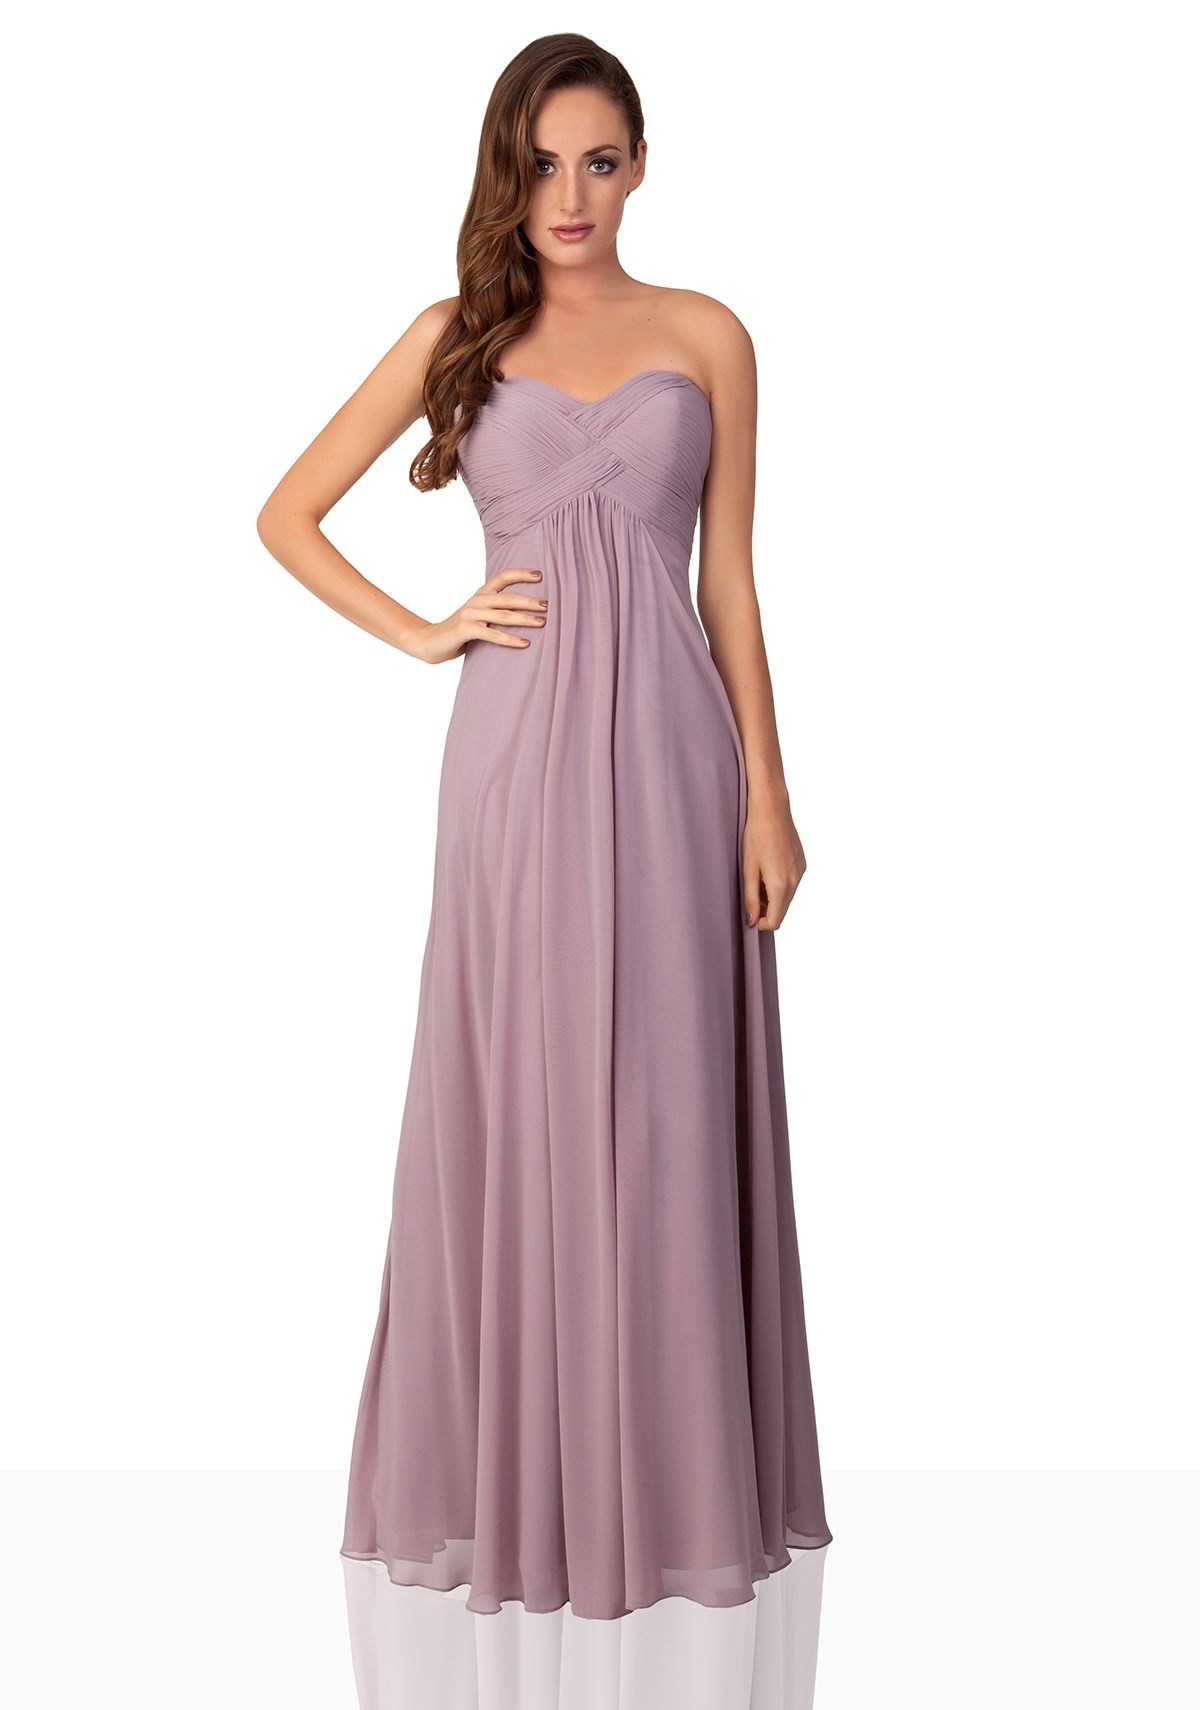 Designer Leicht Abendkleid Taupe BoutiqueAbend Luxus Abendkleid Taupe für 2019